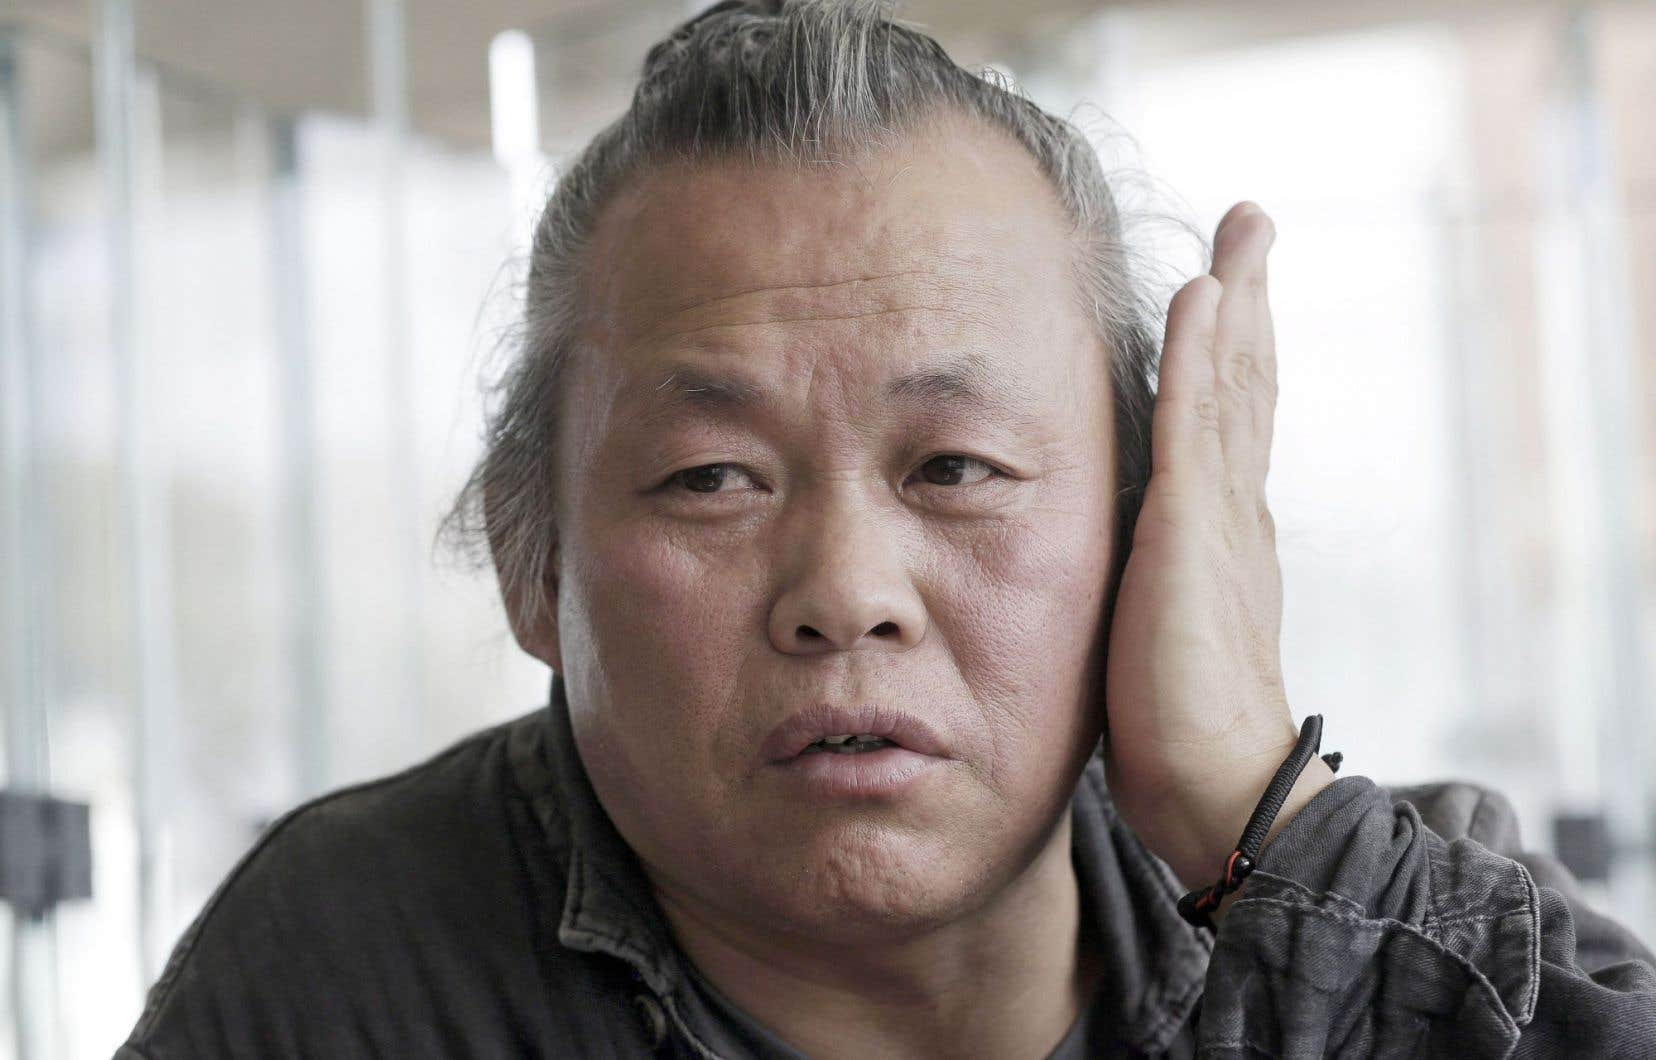 Dans un communiqué, Kim Ki-duk a déclaré jeudi qu'il «assumerait ses responsabilités pour ses manquements» tout en démentant les accusations d'agression.